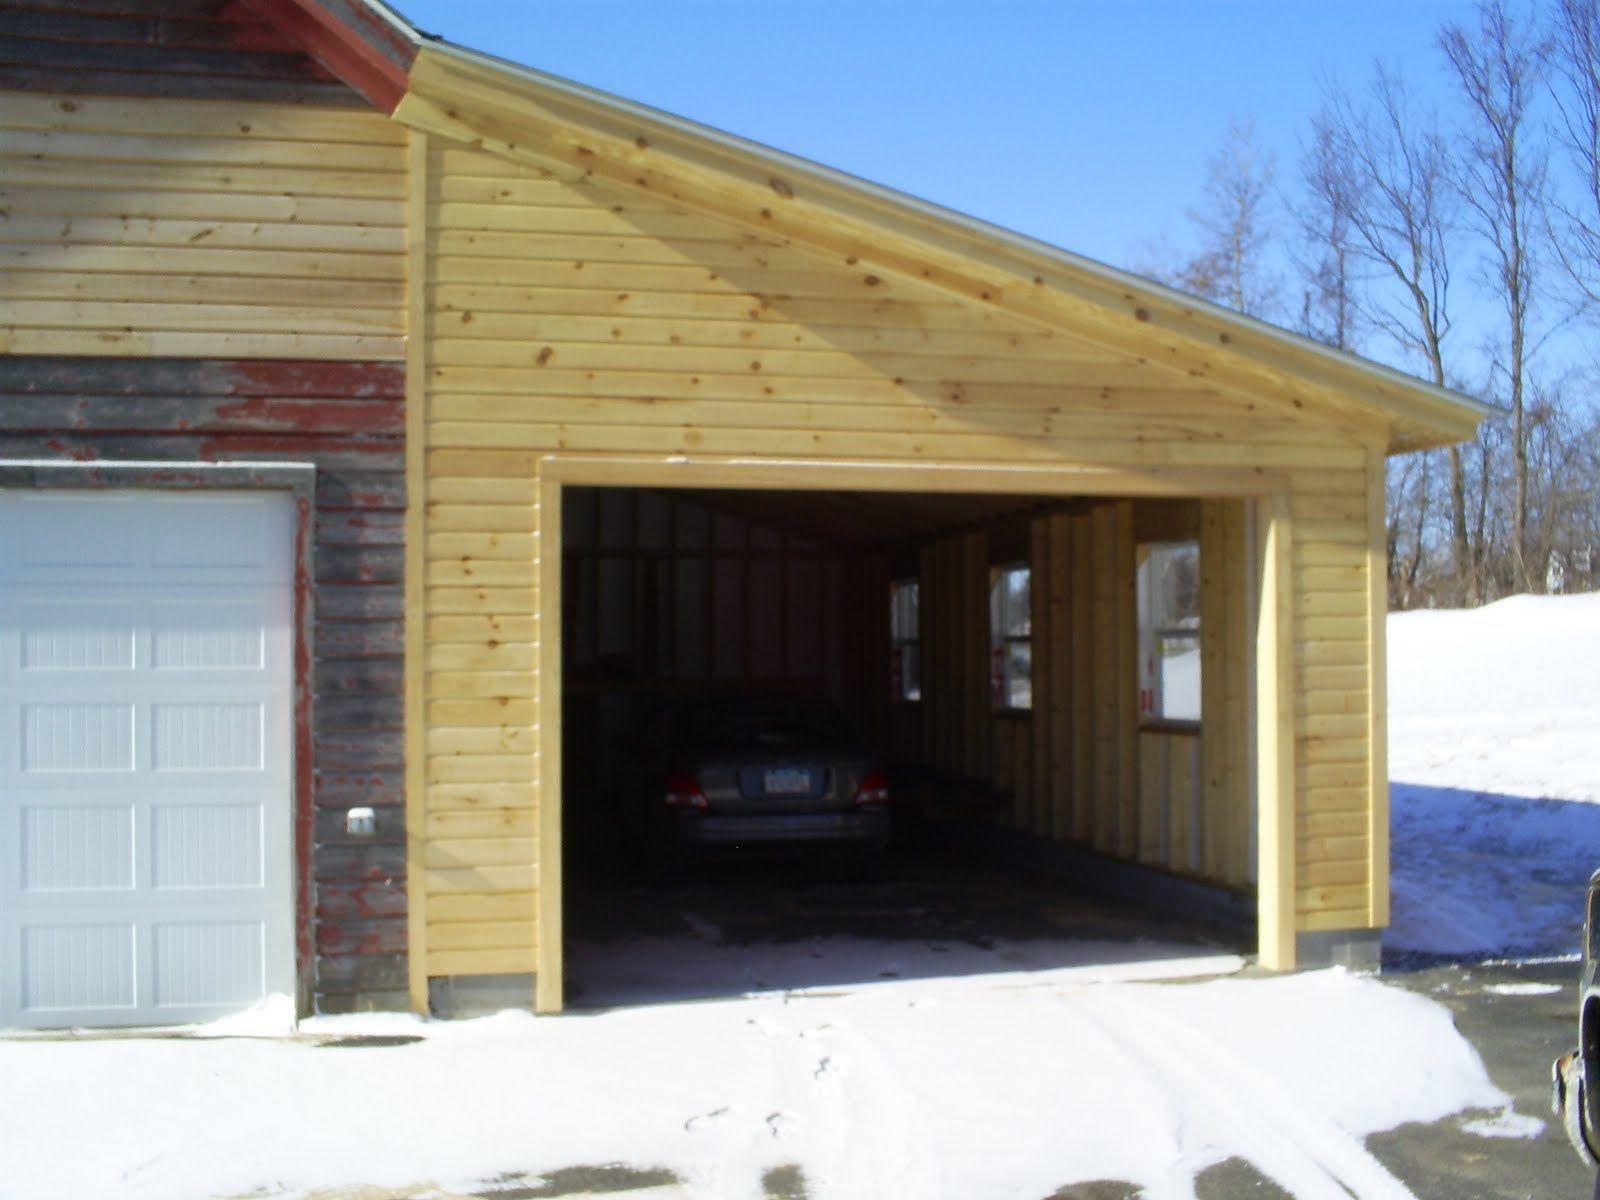 запросу пристройка гаража к дачному дому фото большего эффекта